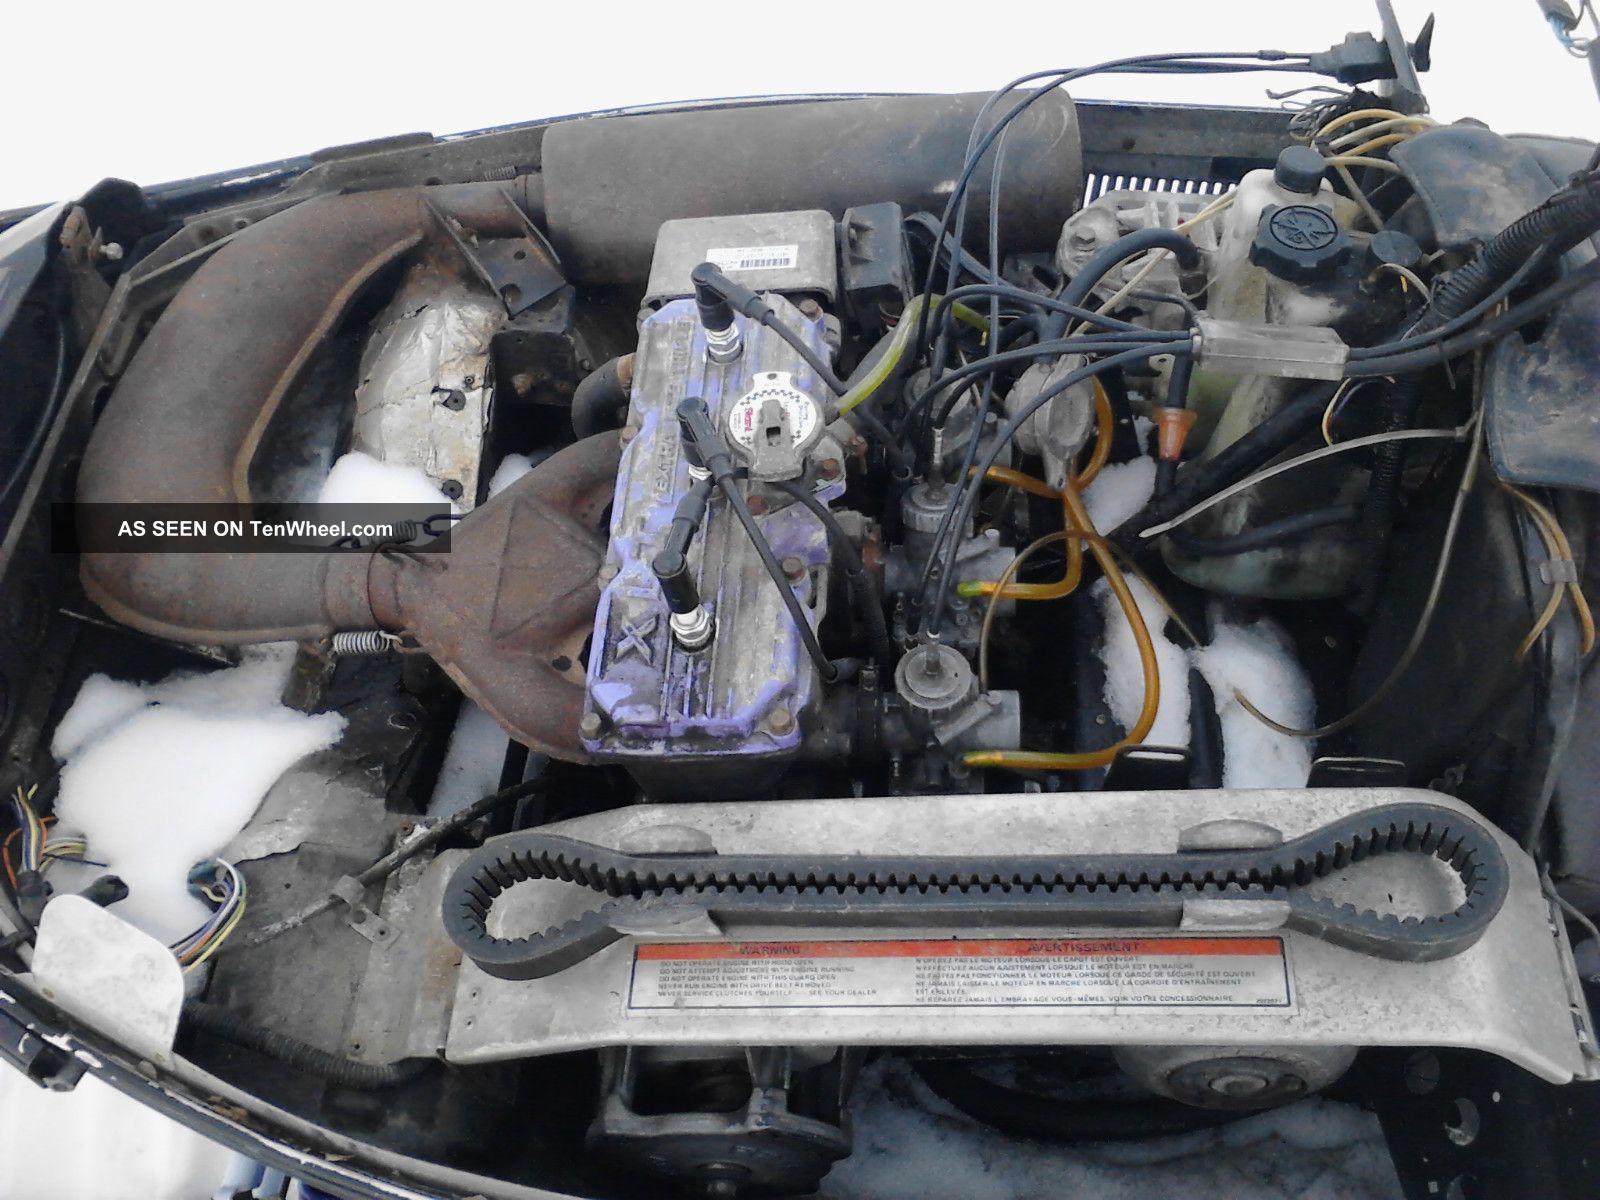 BMW Mountain View >> 1994 Polaris Xlt Sks 580